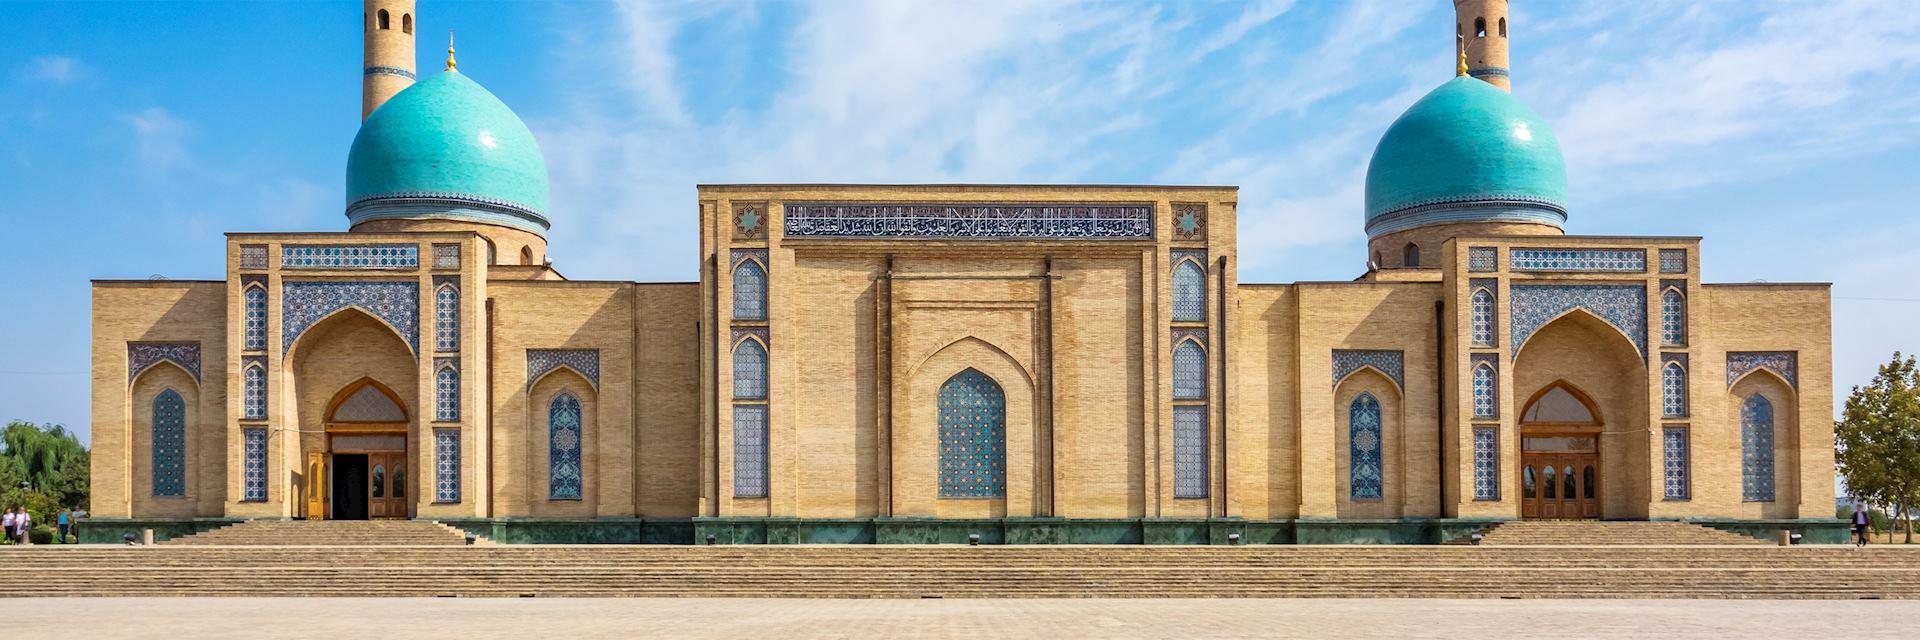 Hazrat Imam Mosque, Tashkent